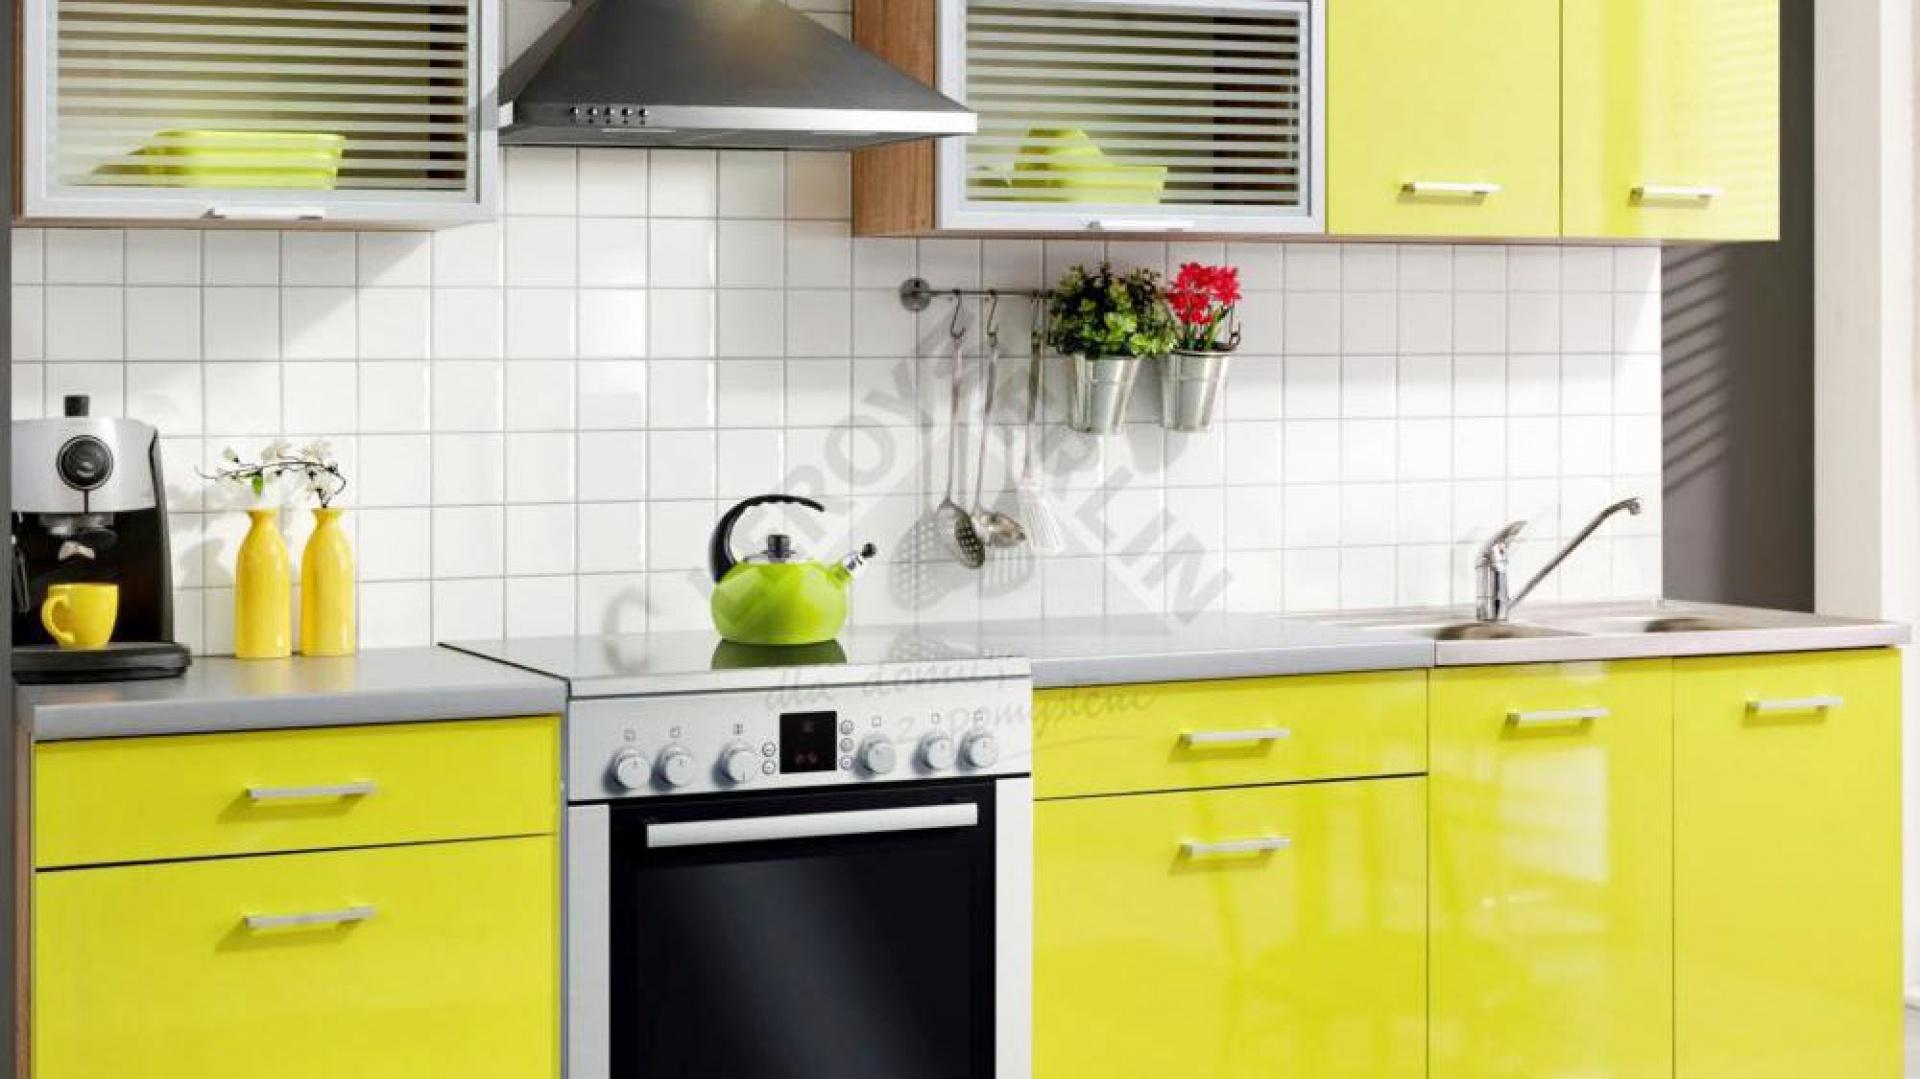 Meble kuchenne Fiona w Mała kuchnia meble na jedną   -> Kuchnia Meble Gotowe